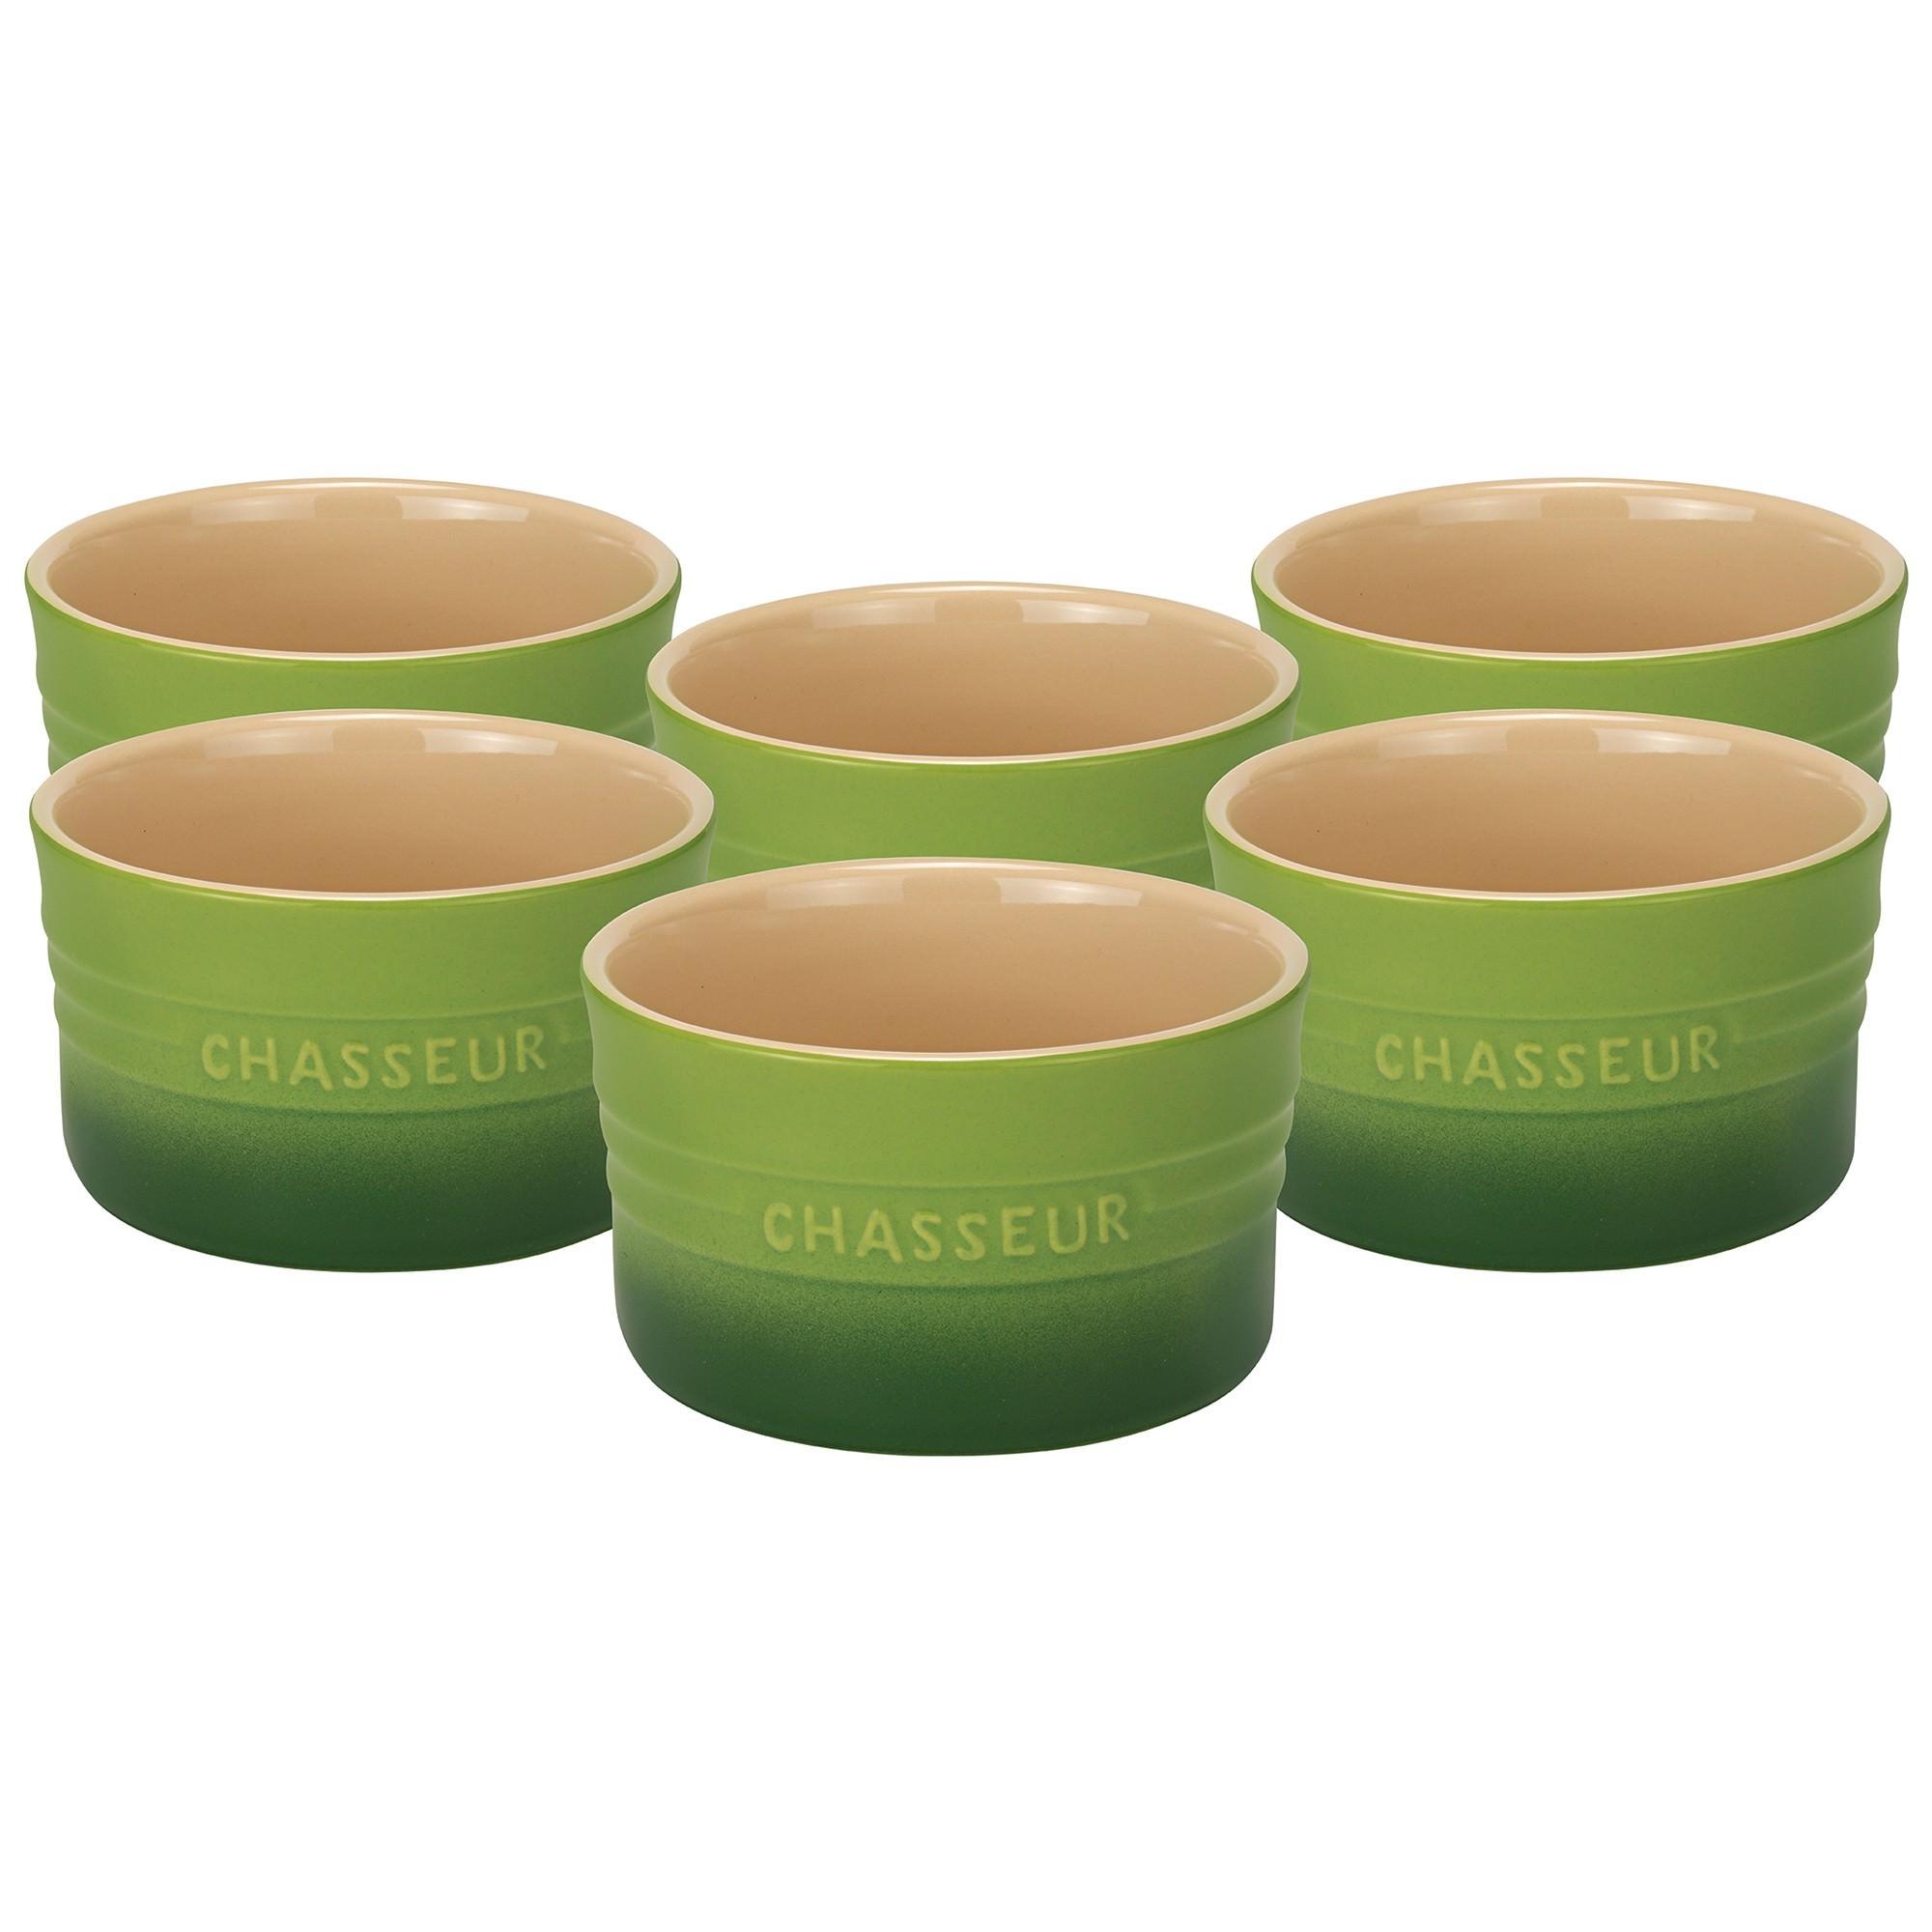 Chasseur La Cuisson 6 Piece Ramekin Set, Apple Green